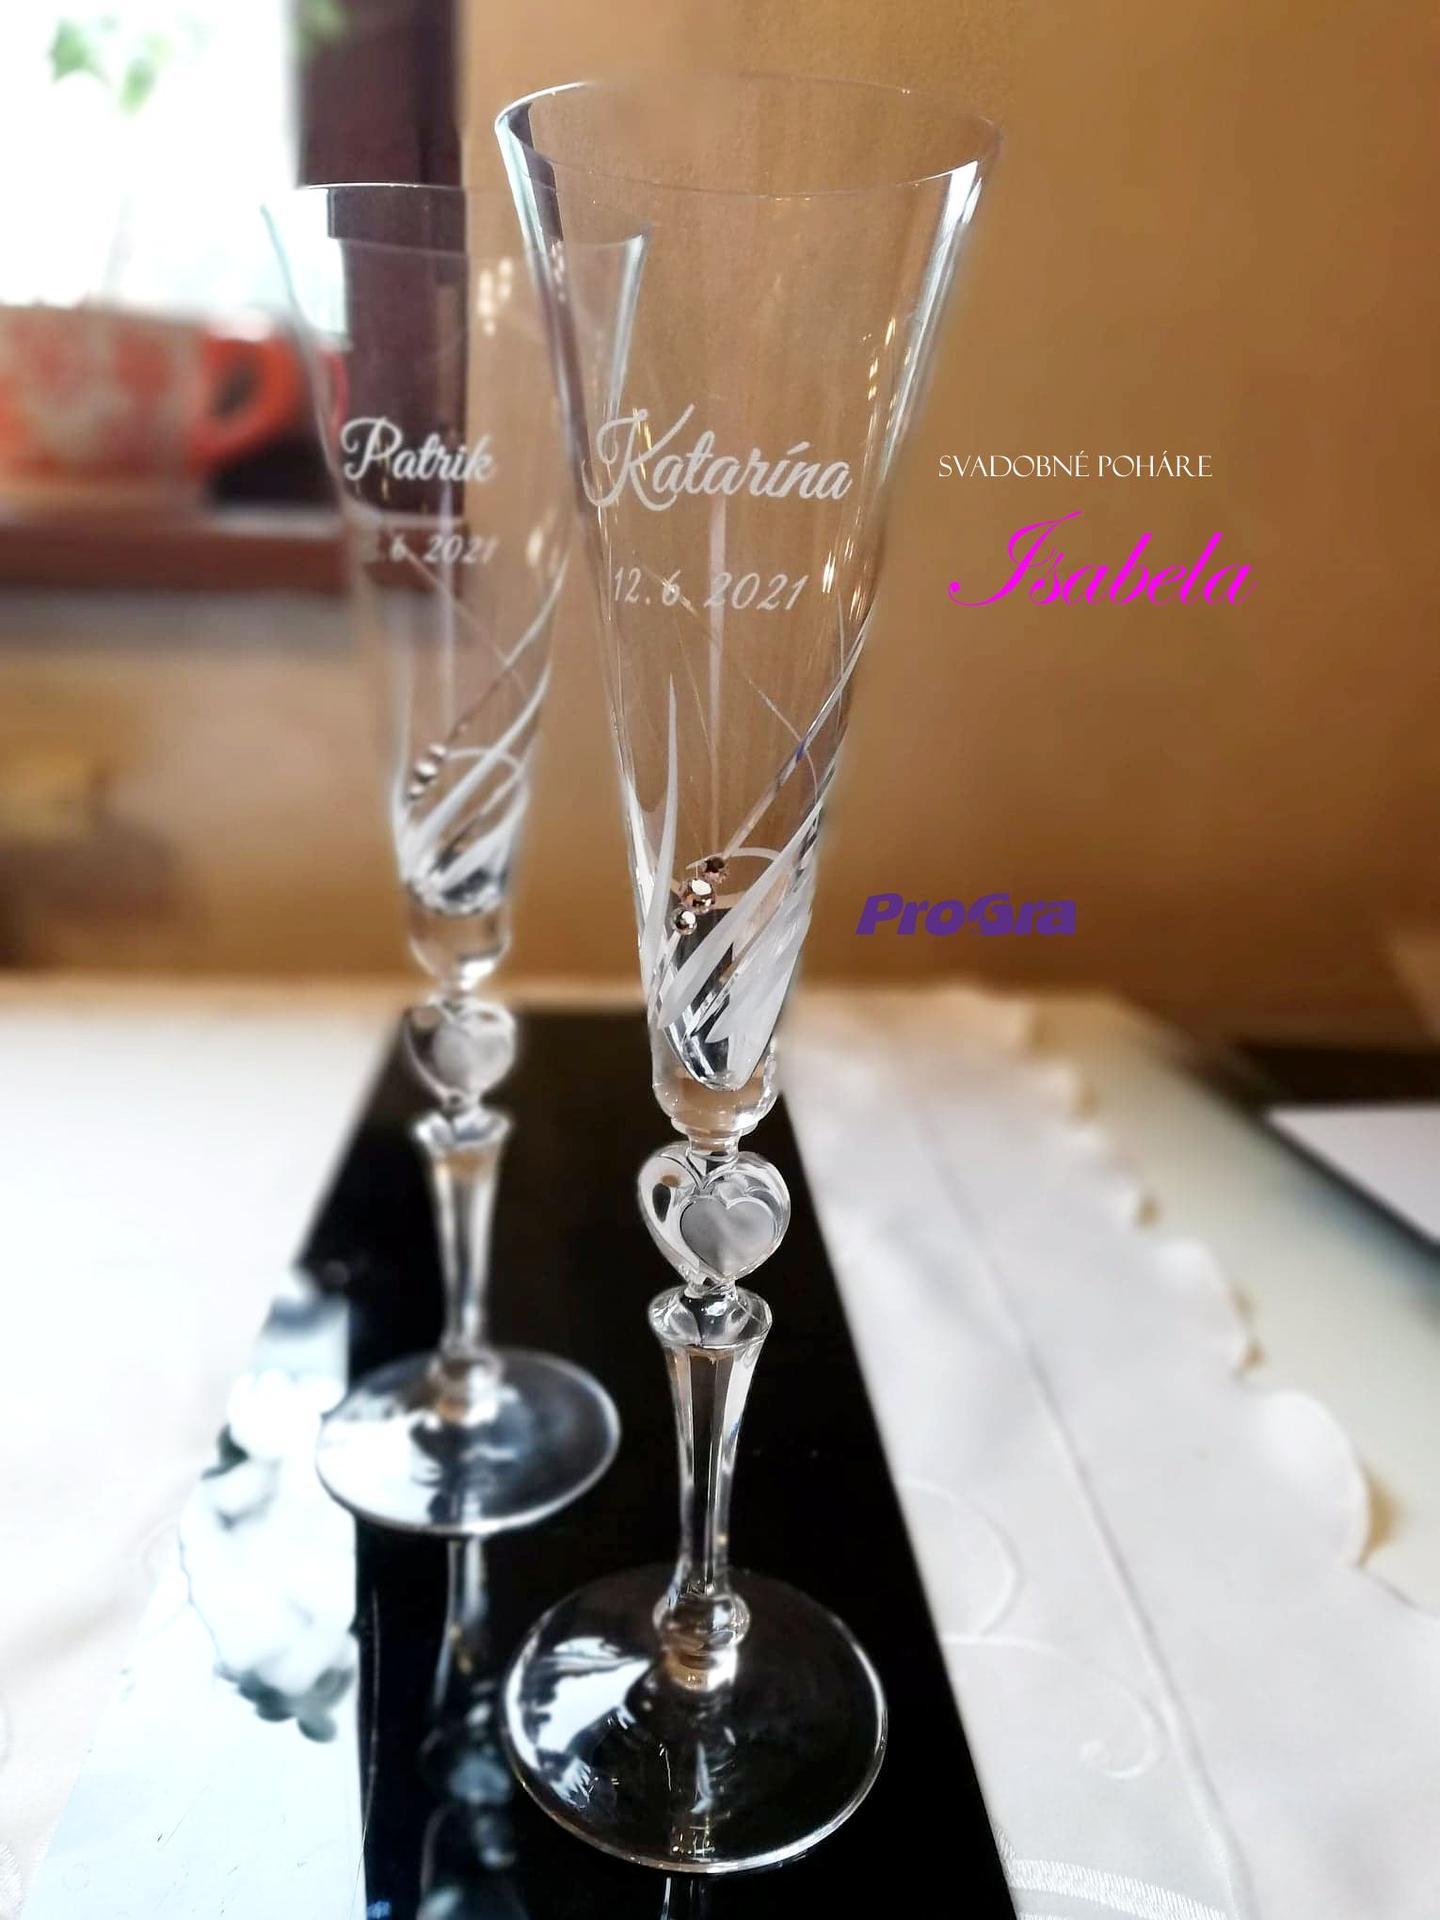 progra_sk - Svadobné poháre Isabela